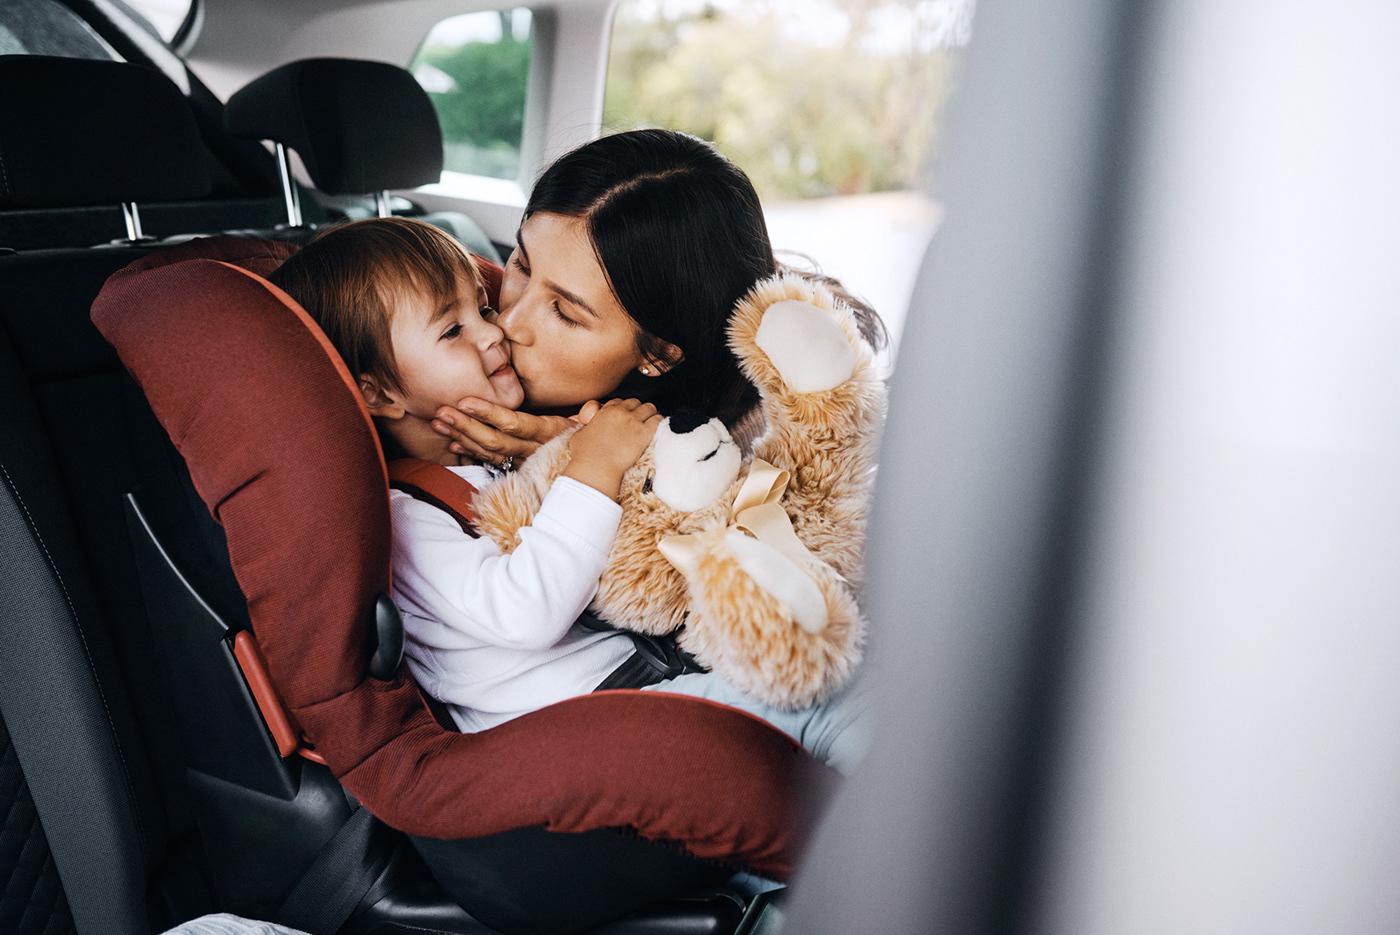 VW Tiguan Family Trip